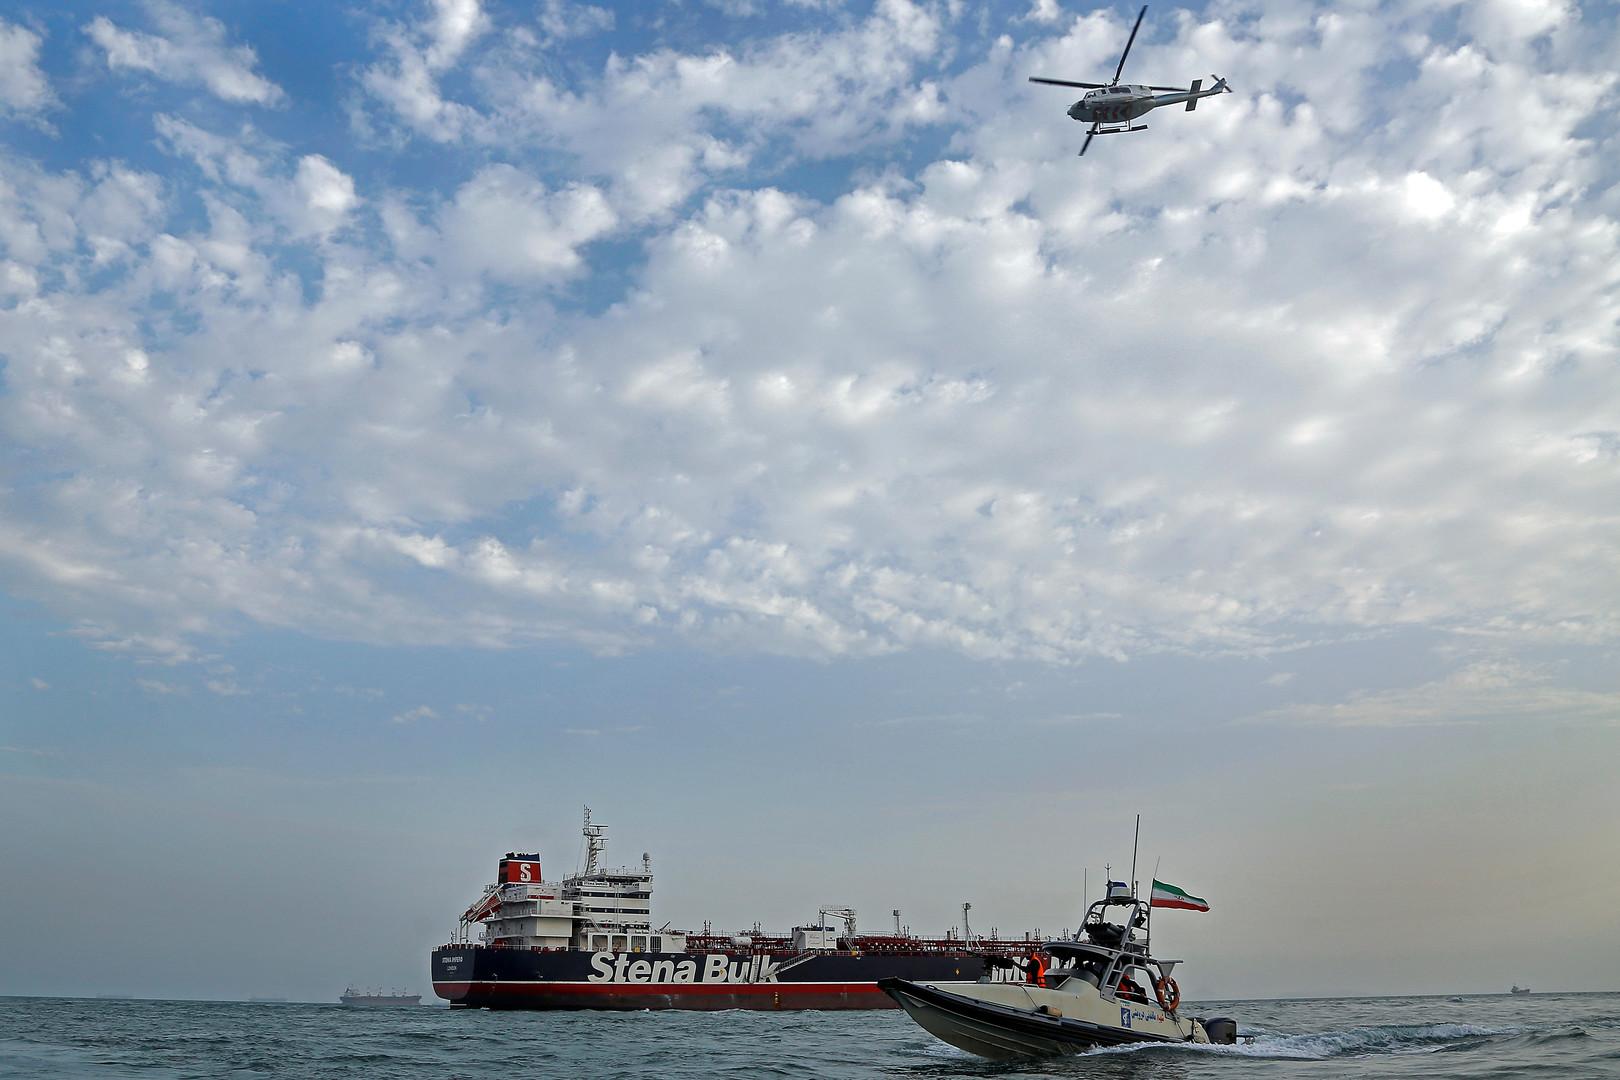 صعود النفط متأثرا بحرب الناقلات